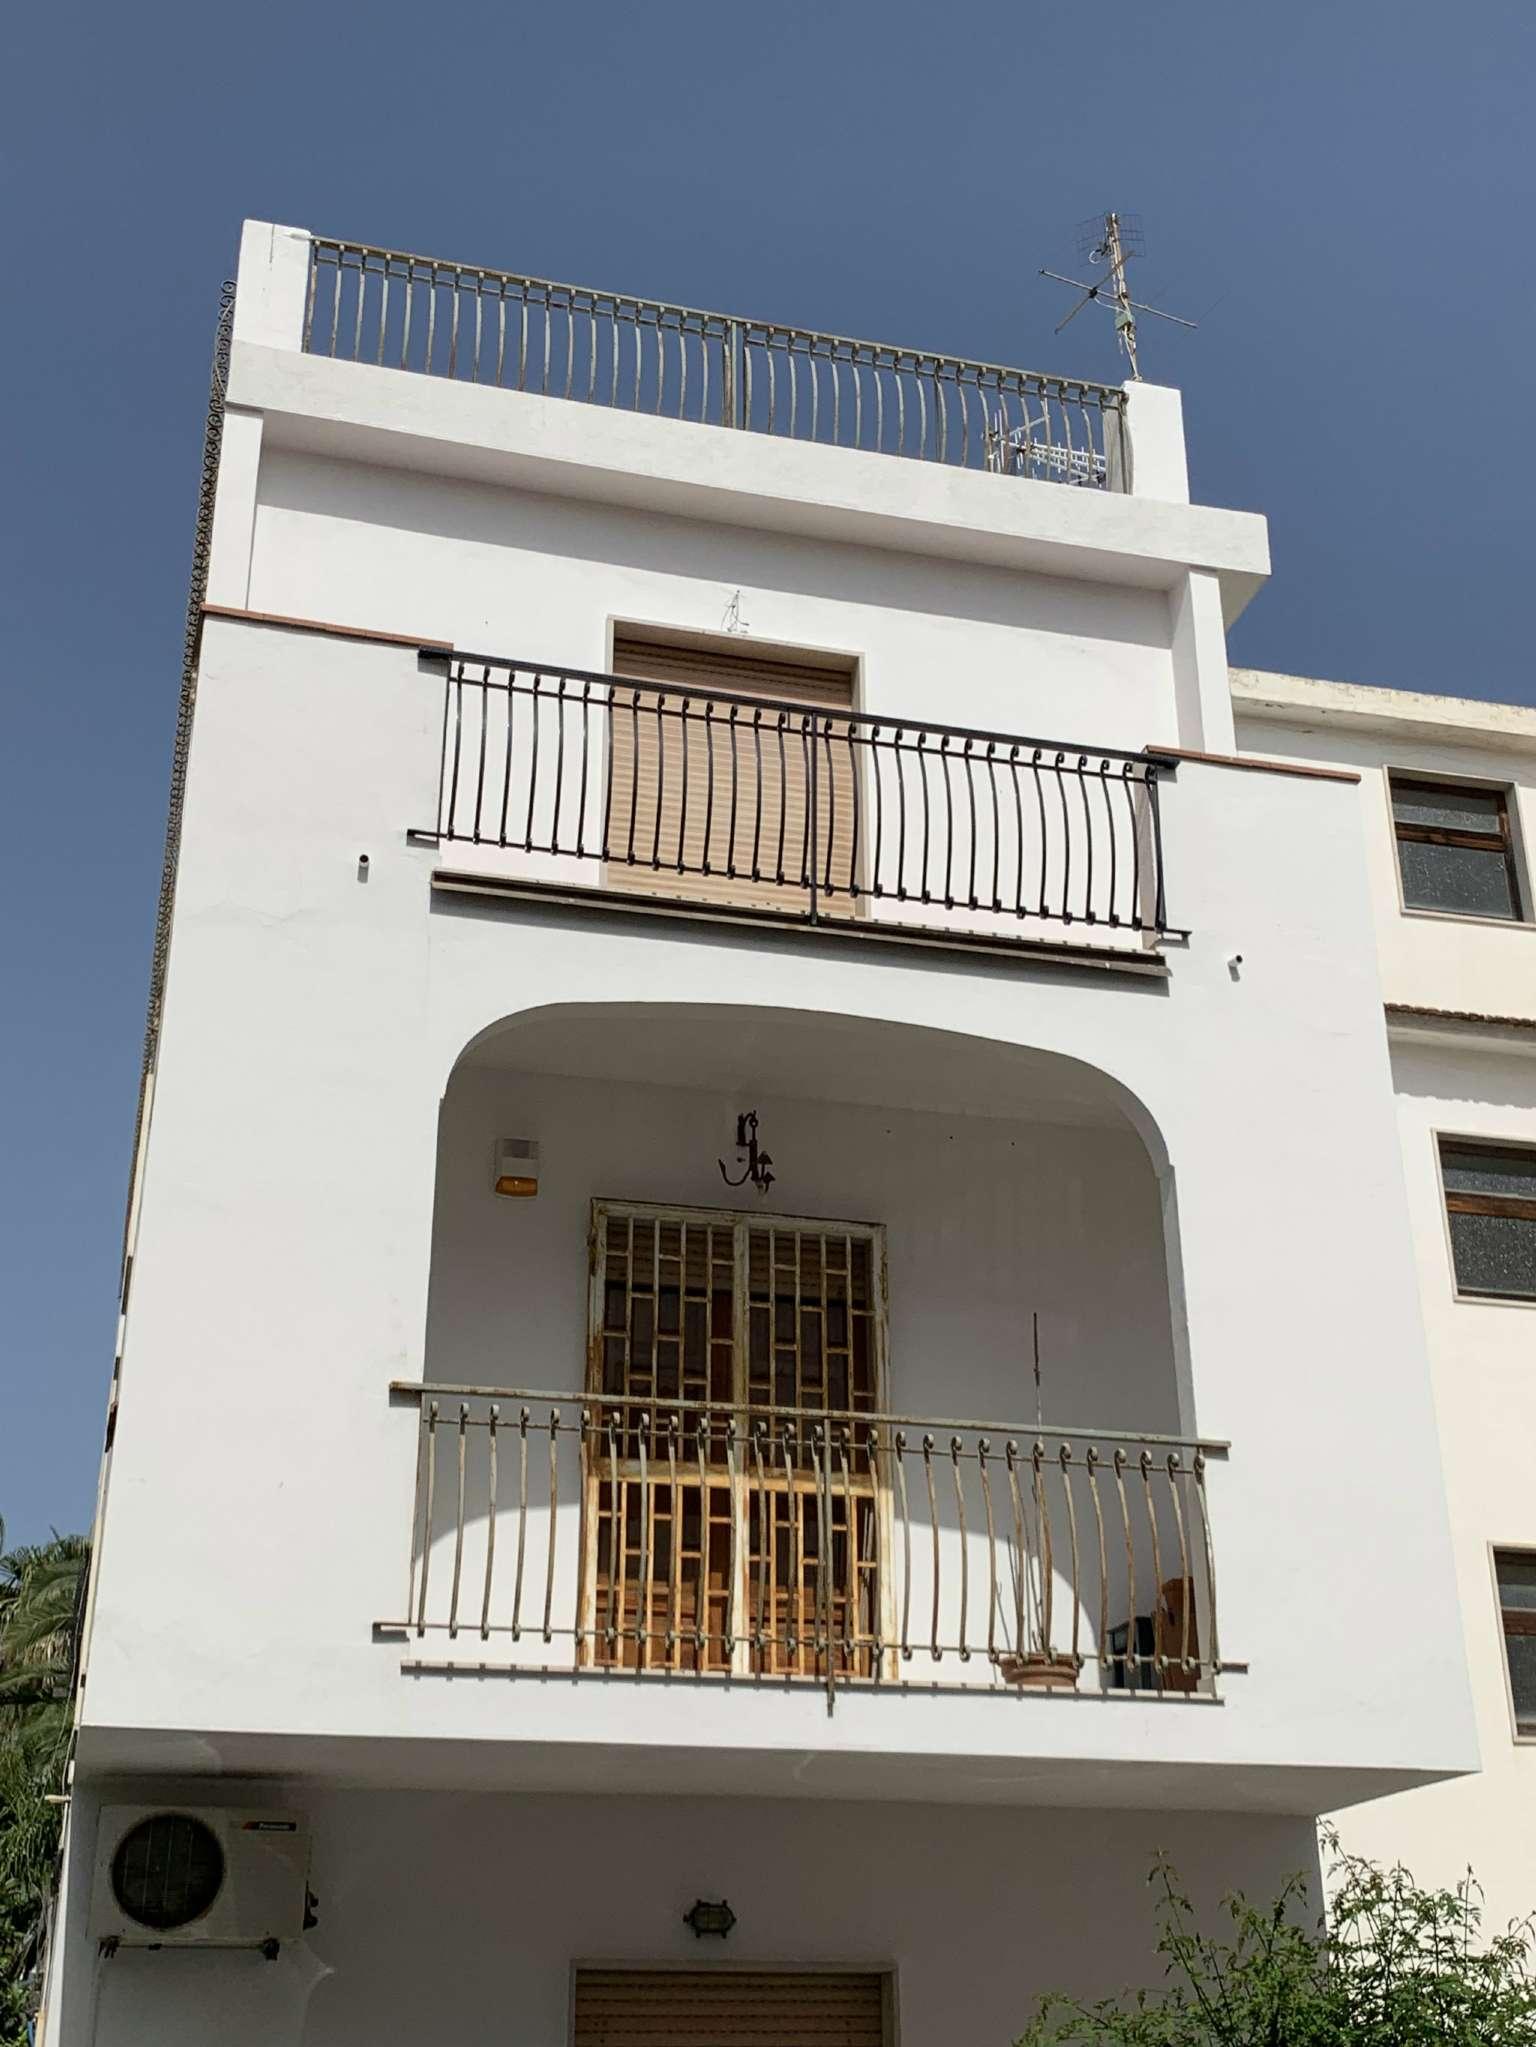 Appartamento in vendita a Giardini-Naxos, 3 locali, prezzo € 169.000 | PortaleAgenzieImmobiliari.it